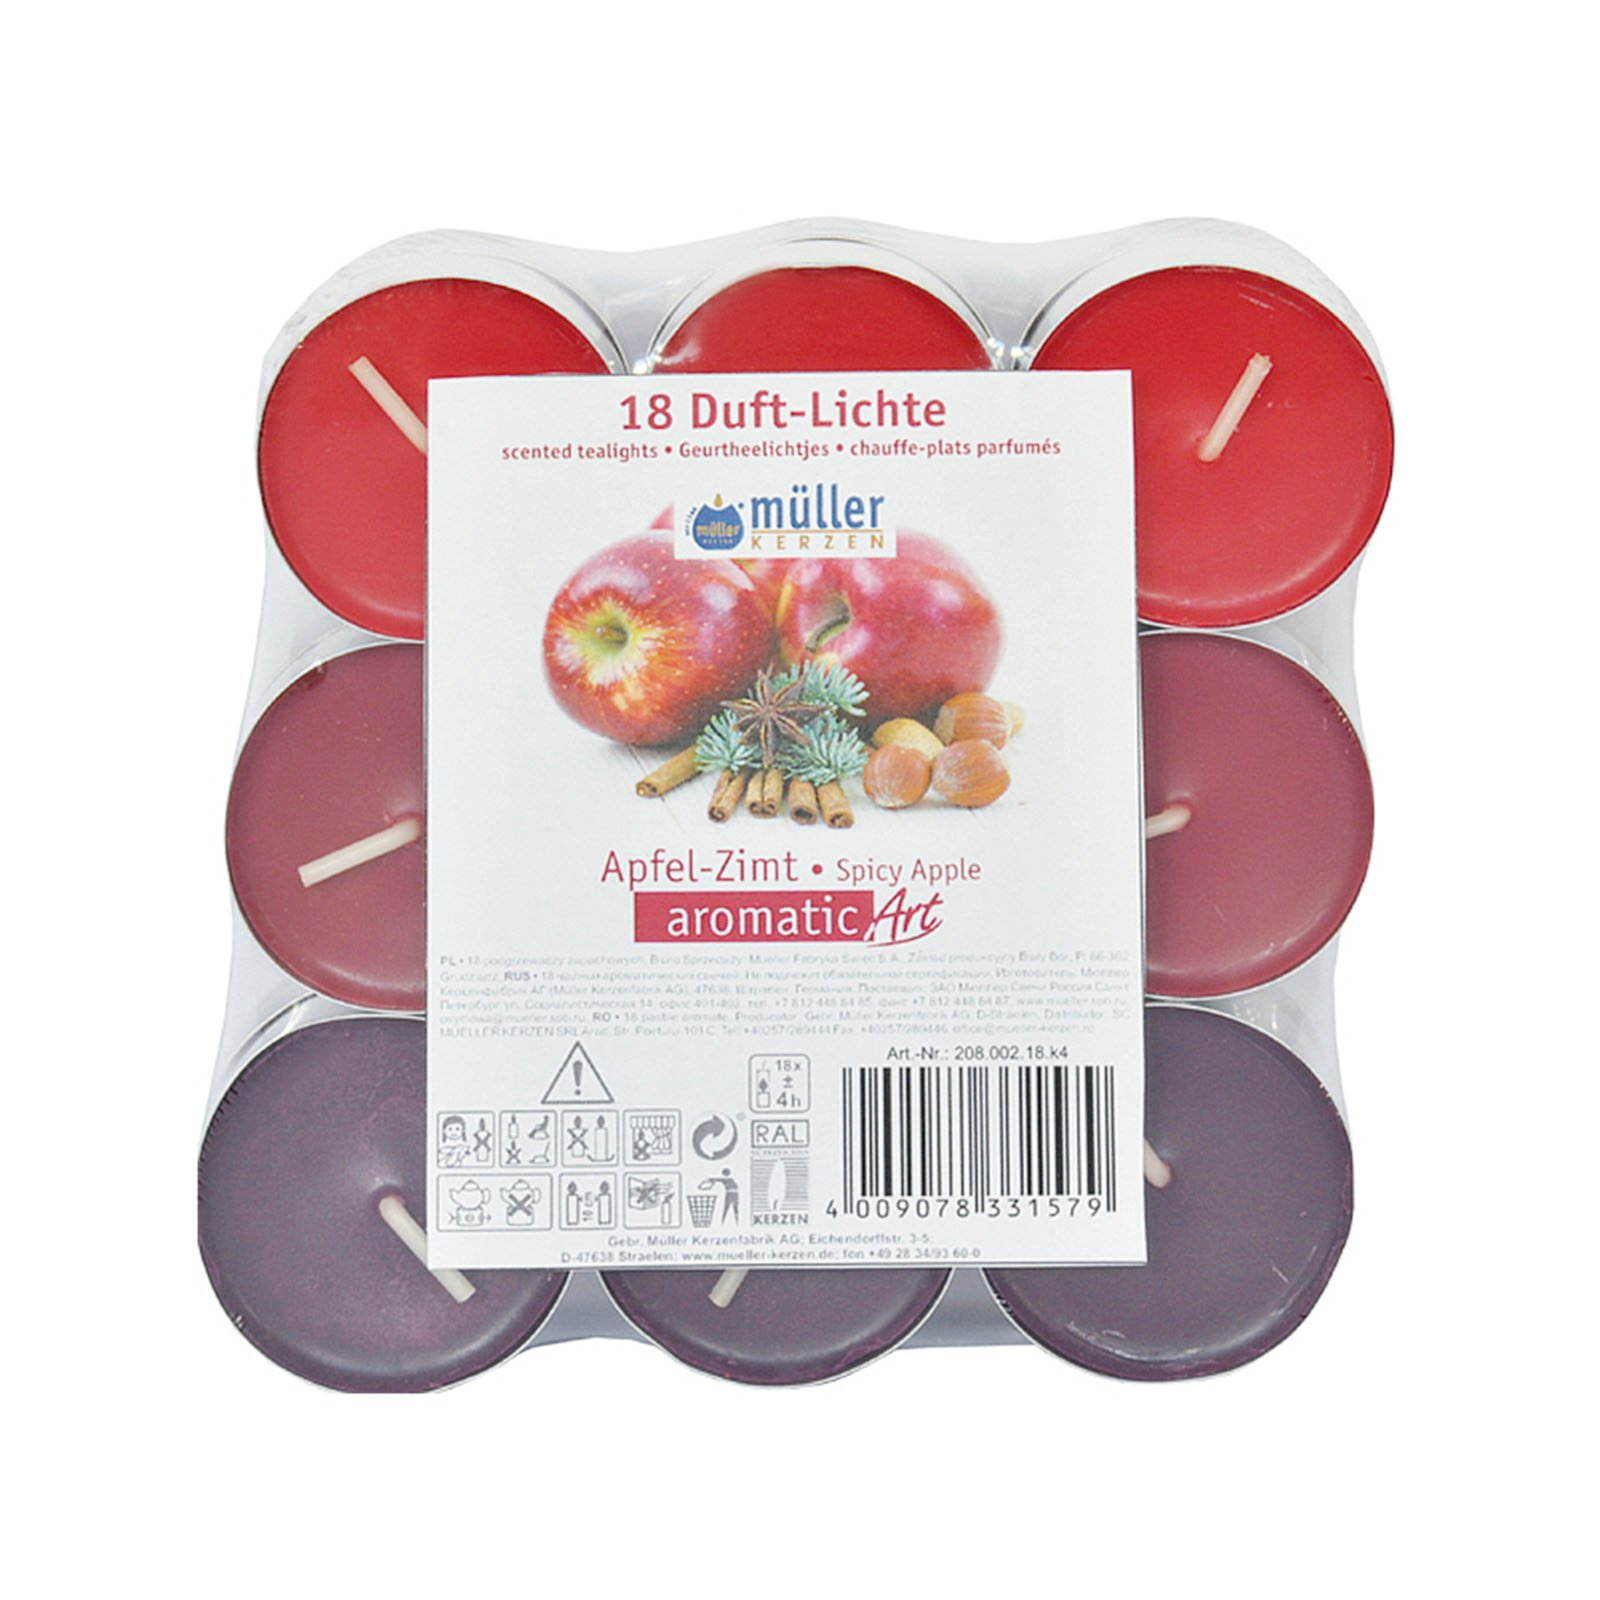 Duft Teelichte - 18er-Set - Apfel-Zimt